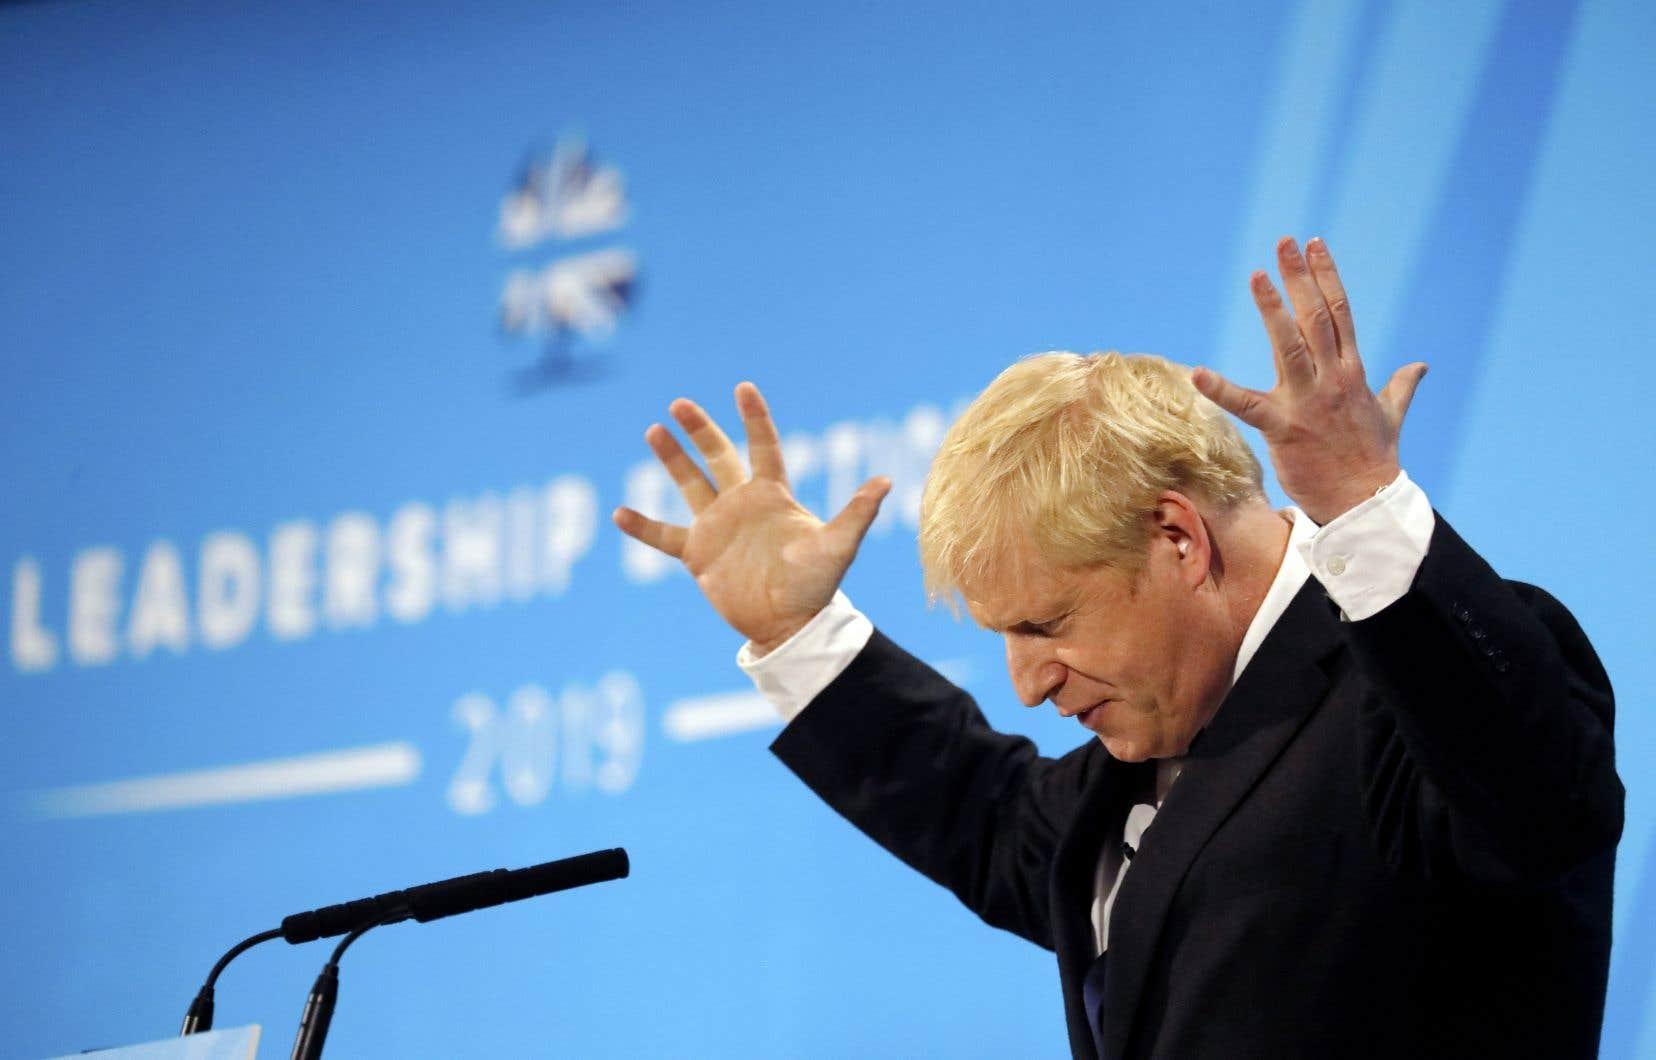 Tandis que les sondages accordent à Boris Johnson plus de 70% des voix, un indice ne trompe pas: son seul adversaire dans cette course, le ministre des Affaires étrangères, Jeremy Hunt, semble lui avoir déjà accordé la victoire.